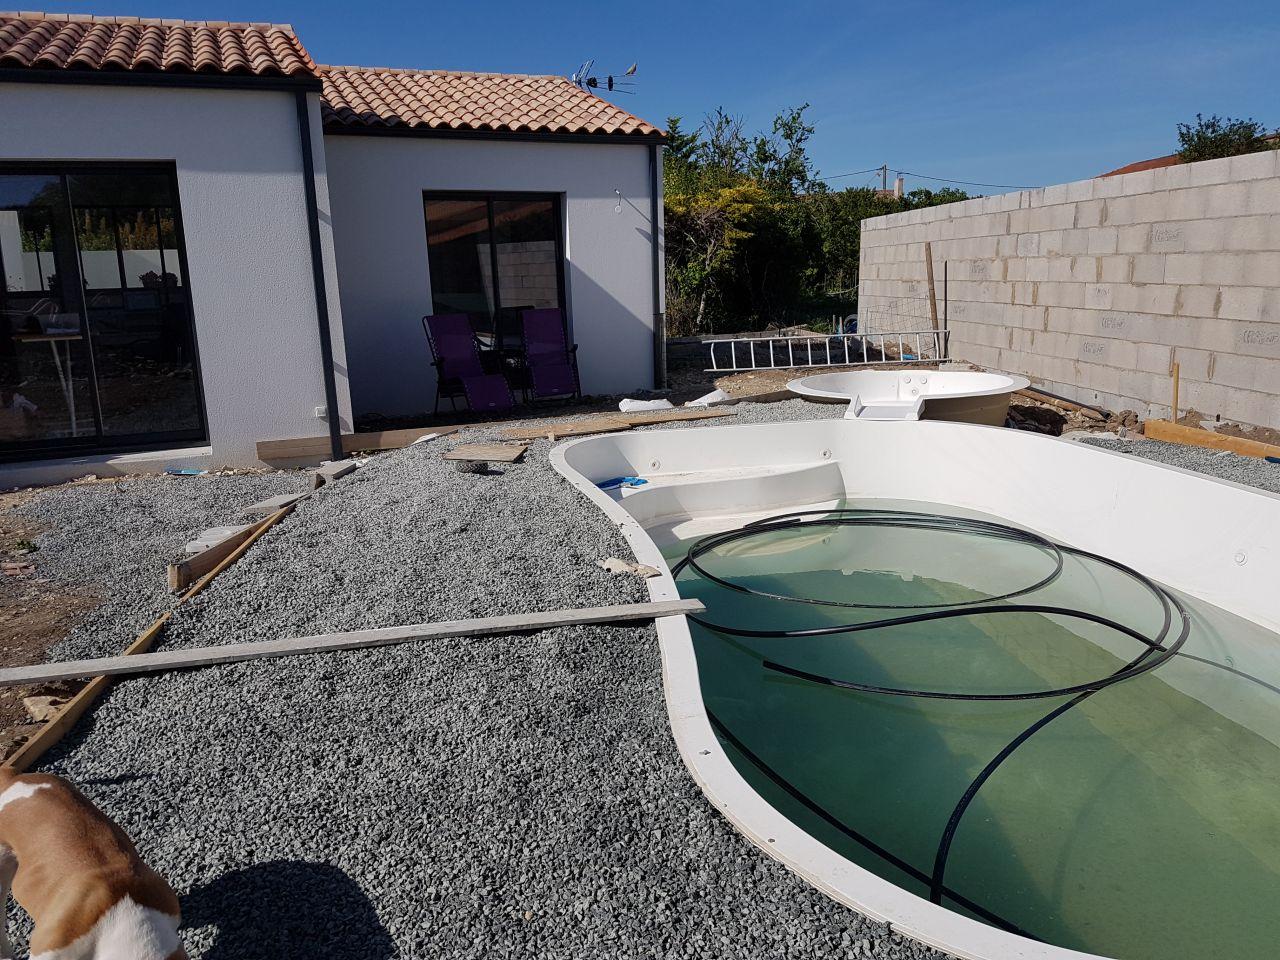 Terrassement de la piscine pour la terrasse drainante hydro way (près de 20 tonnes de graviers).